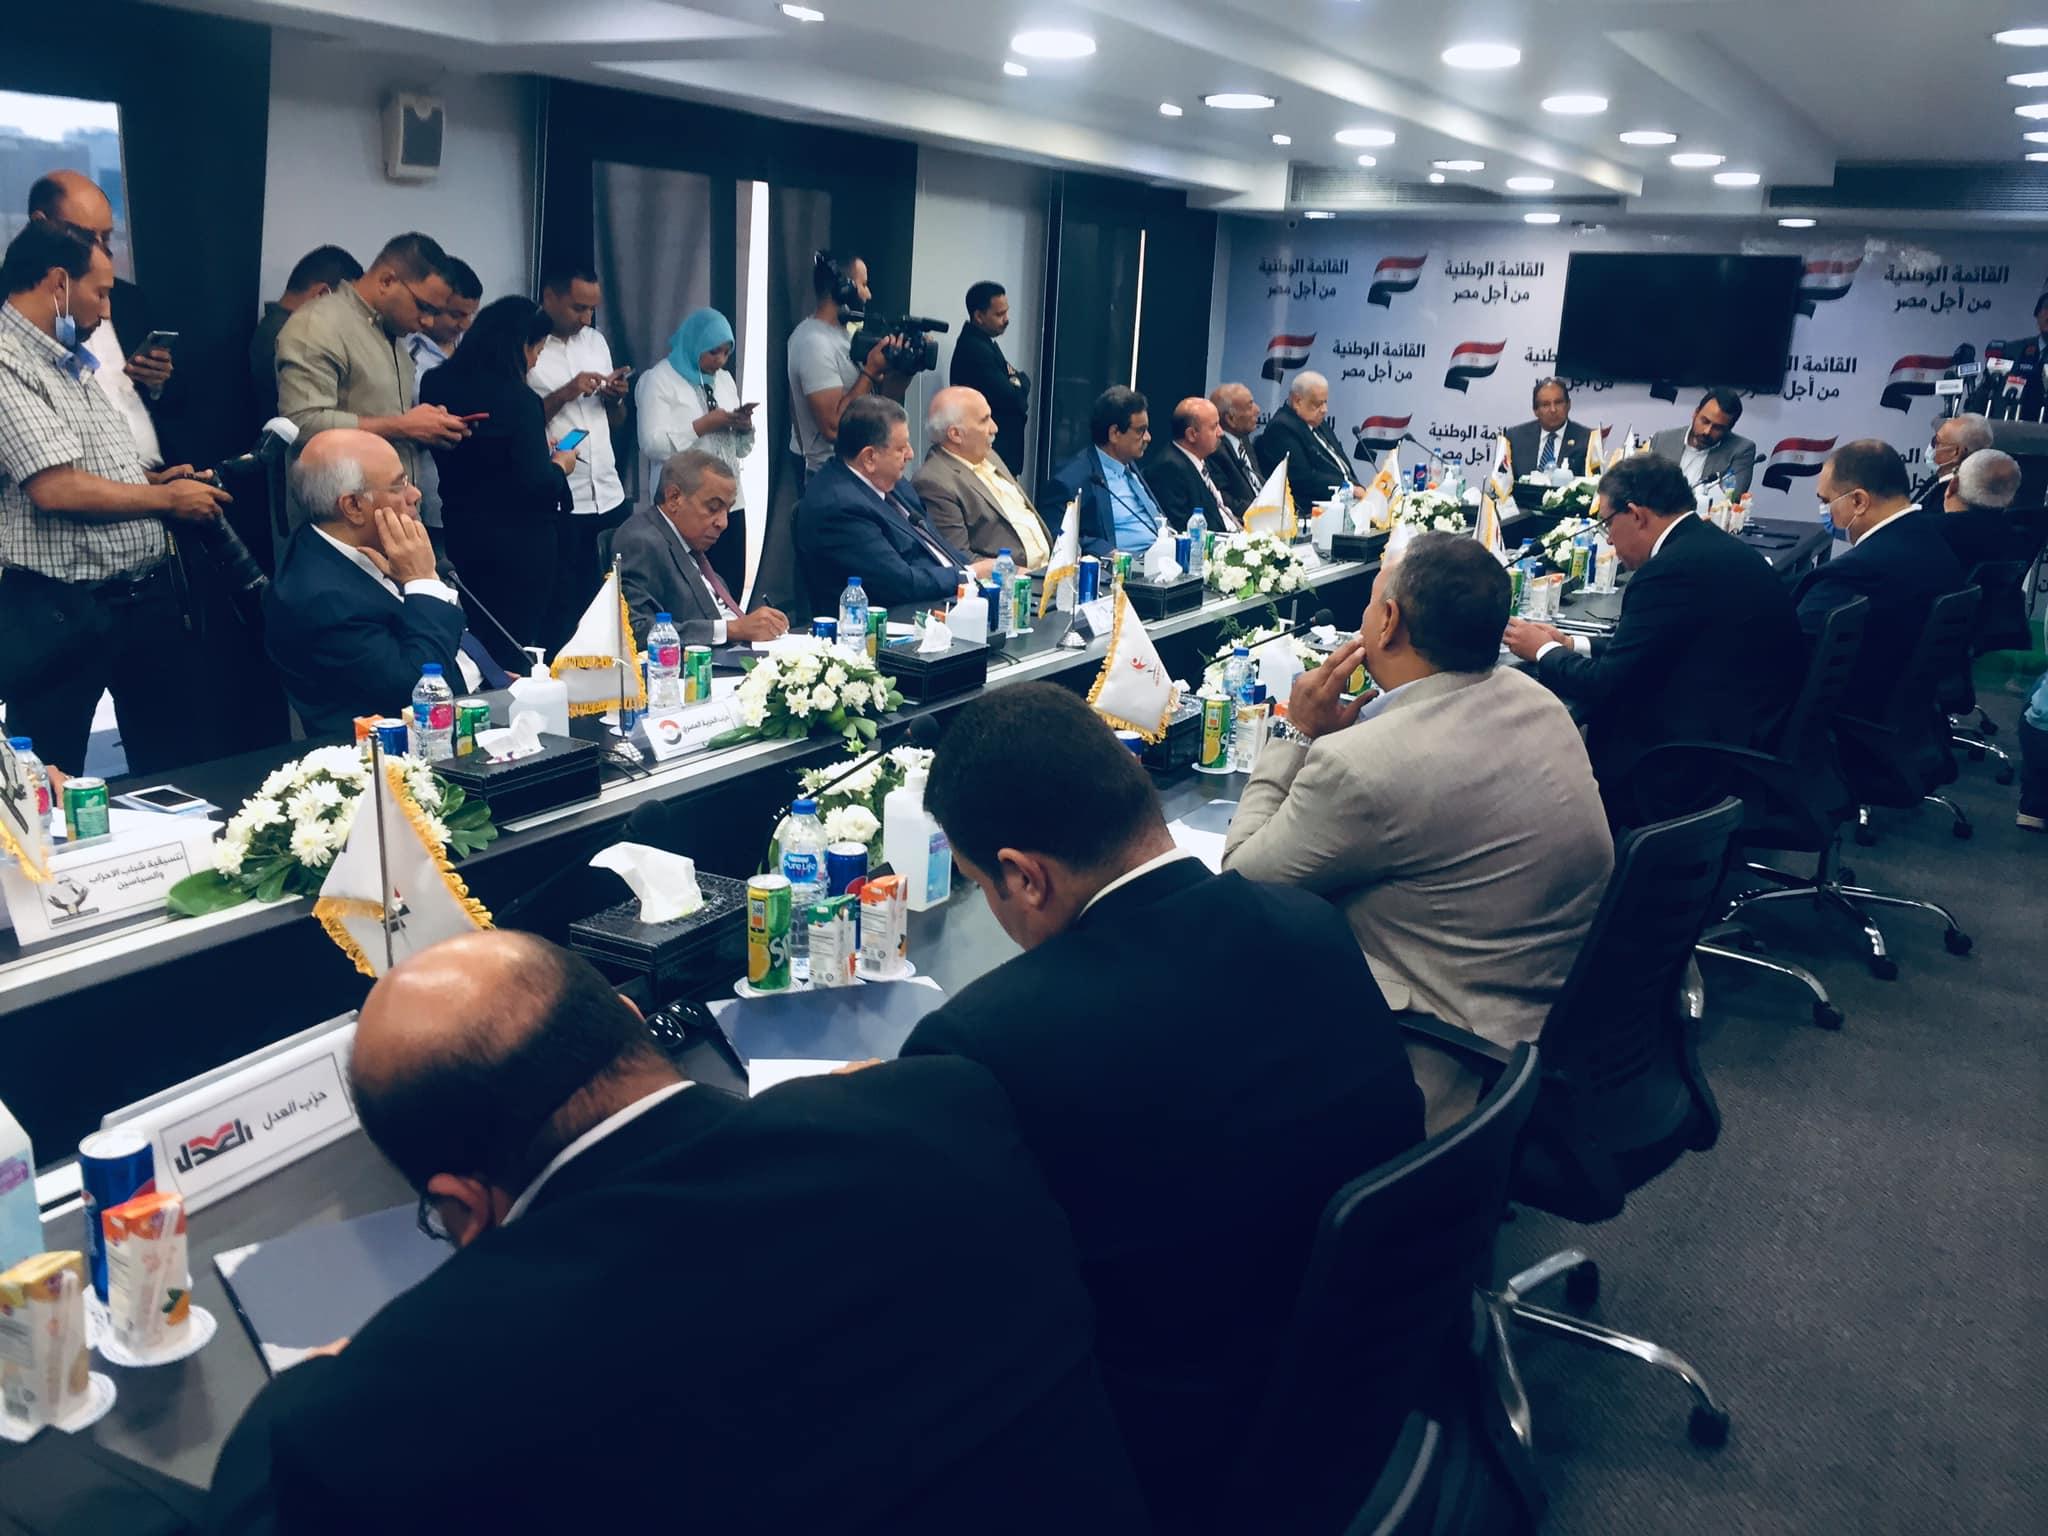 اجتماع أحزاب القائمة الوطنية من أجل مصر